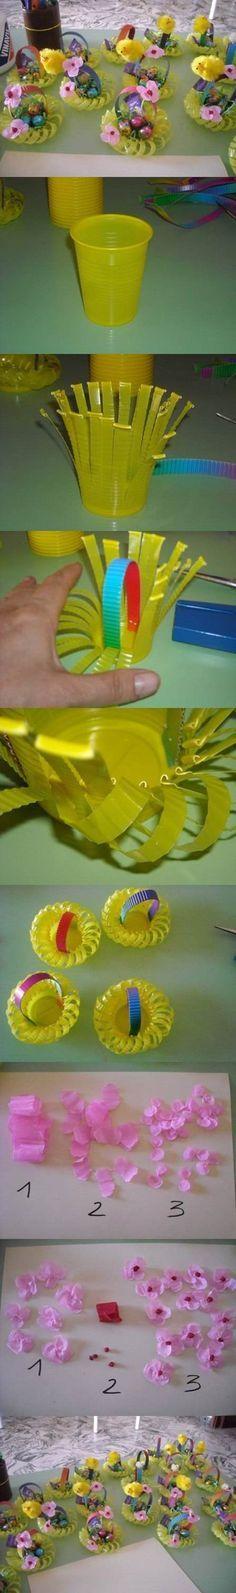 DIY Plastic Cup Easter Basket #craft #Easter